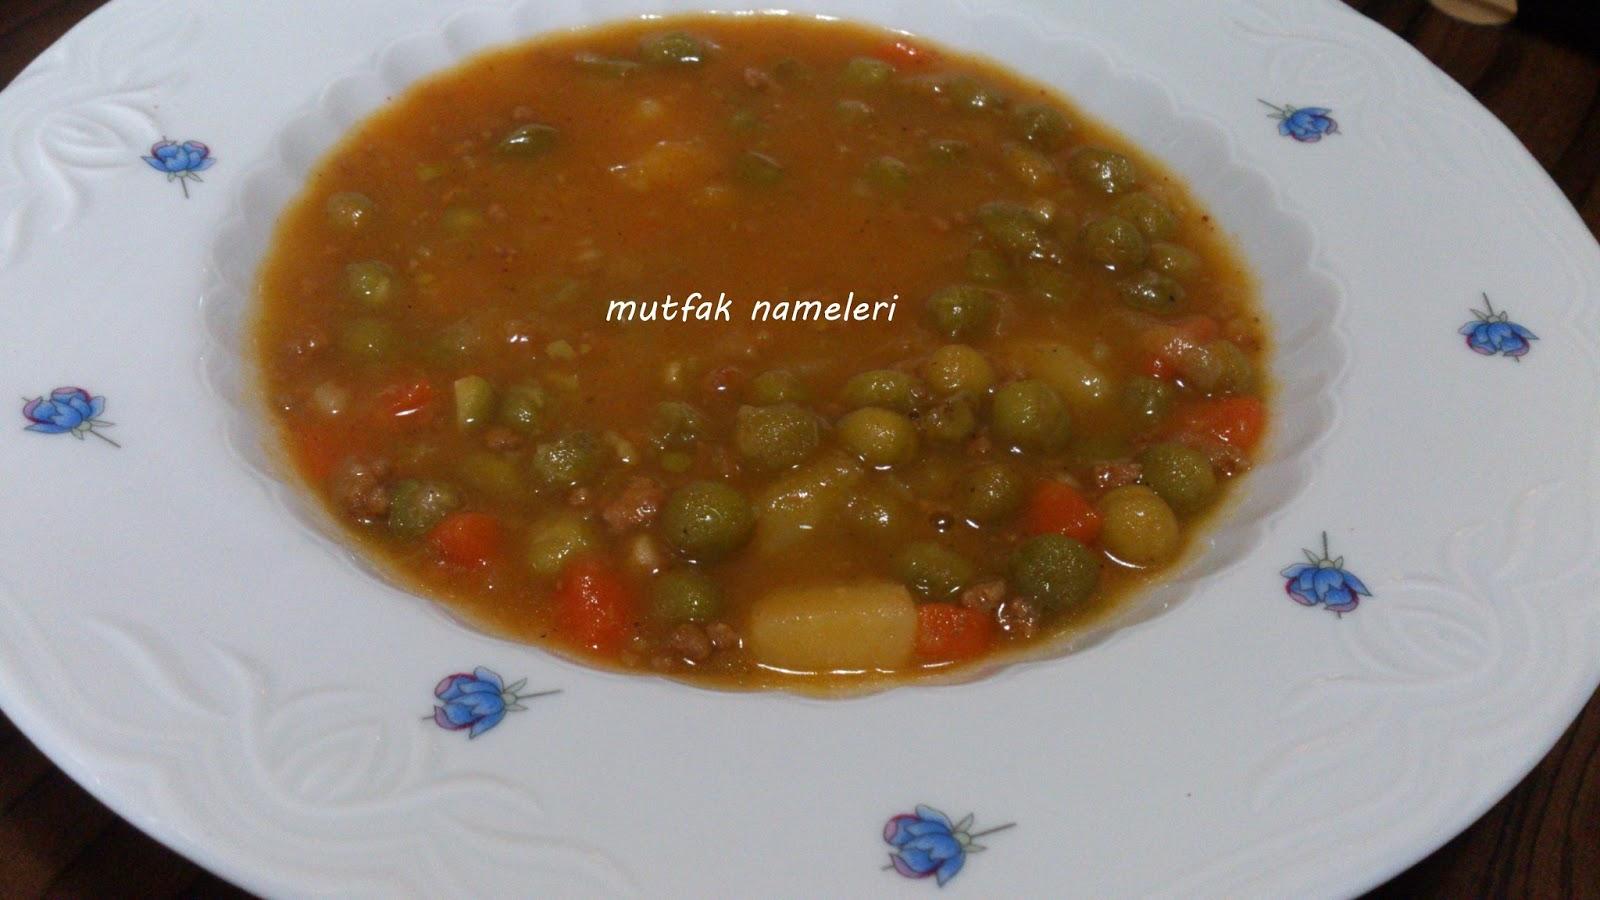 Kıymalı bezelye yemeği tarifi – Kıymalı bezelye yemeği nasıl yapılır – Yemek tarifleri